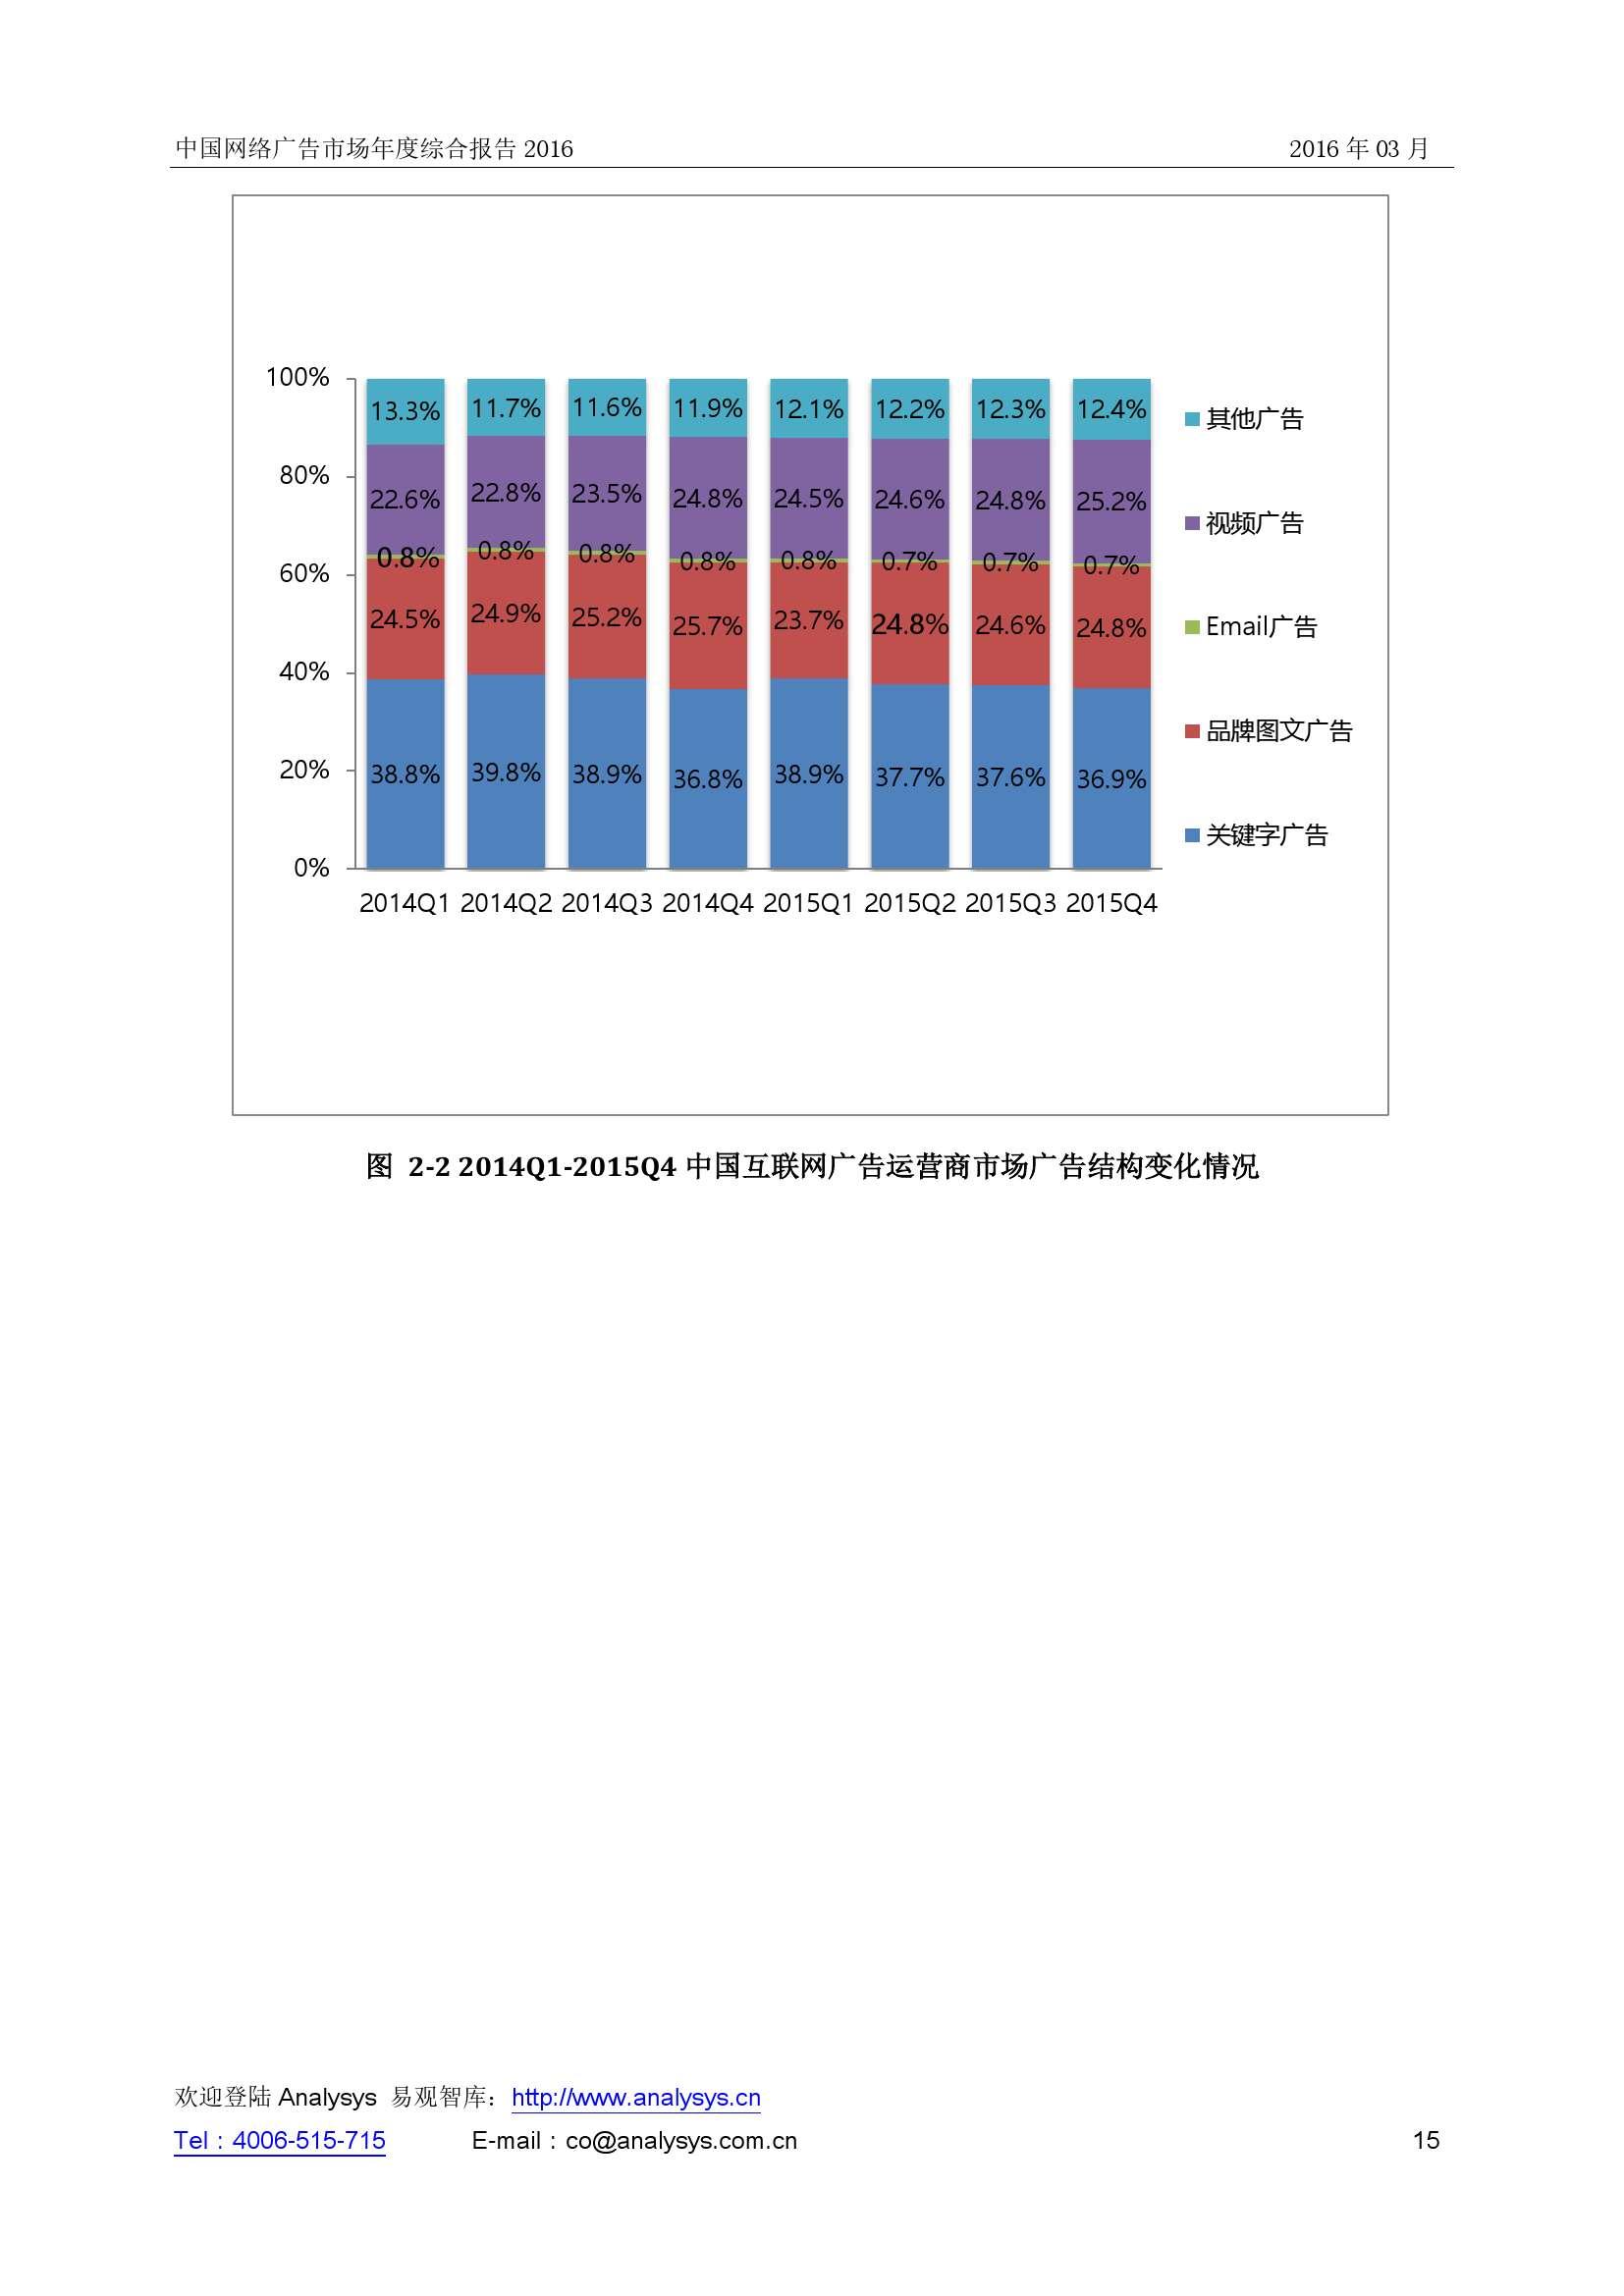 中国网络广告市场年度综合报告2016_000015